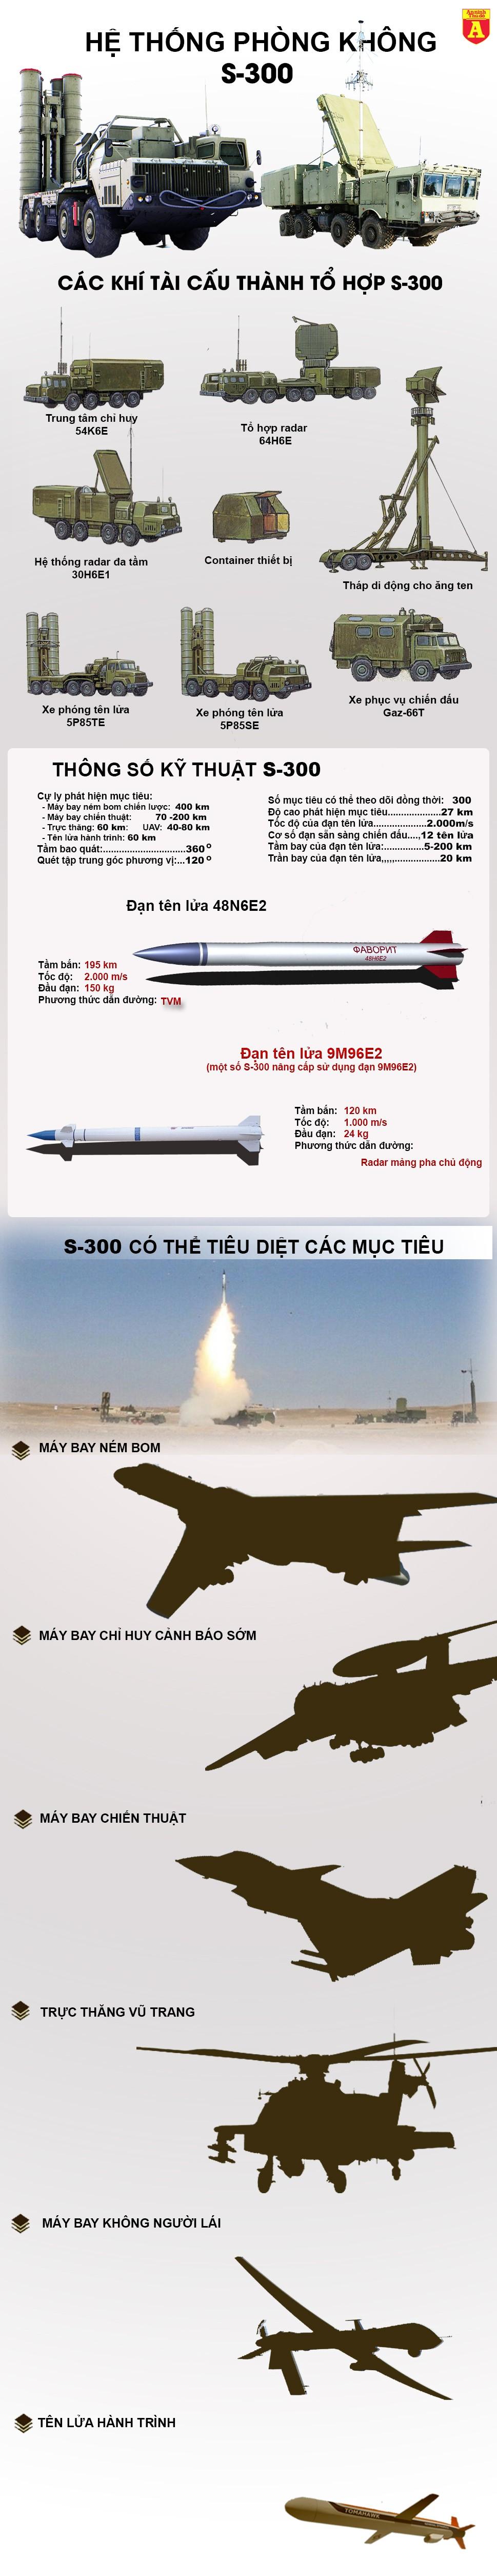 """[Infographic] Sức mạnh của """"Rồng lửa"""" S-300, hệ thống phòng không tham gia bảo vệ APEC ảnh 2"""